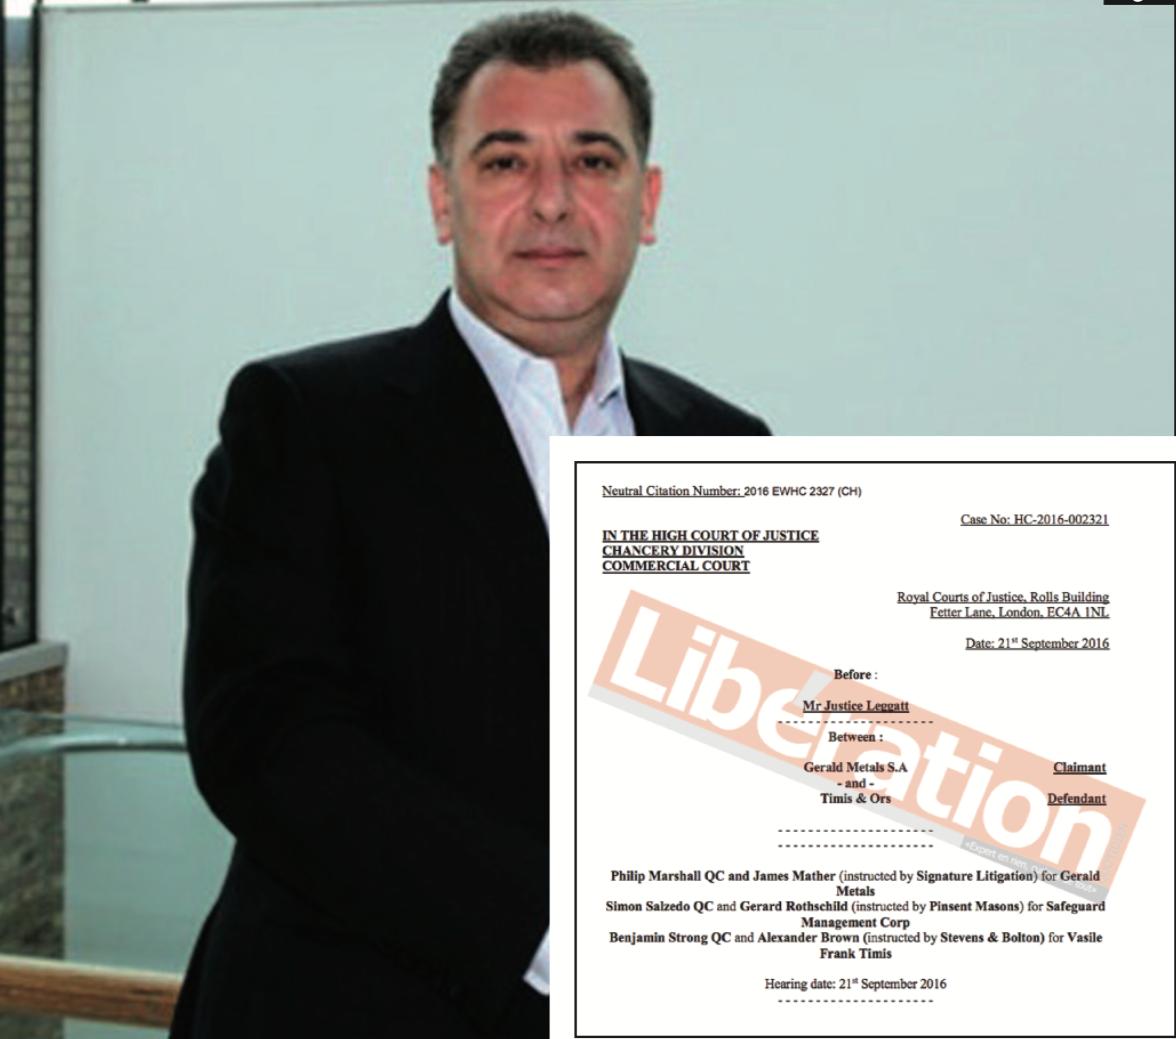 PLAINTES DEVANT LE TRIBUNAL ARBITRAL DE LONDRES ET LA HAUTE COUR DE JUSTICE D'ANGLETERRE : Frank Timis encerclé